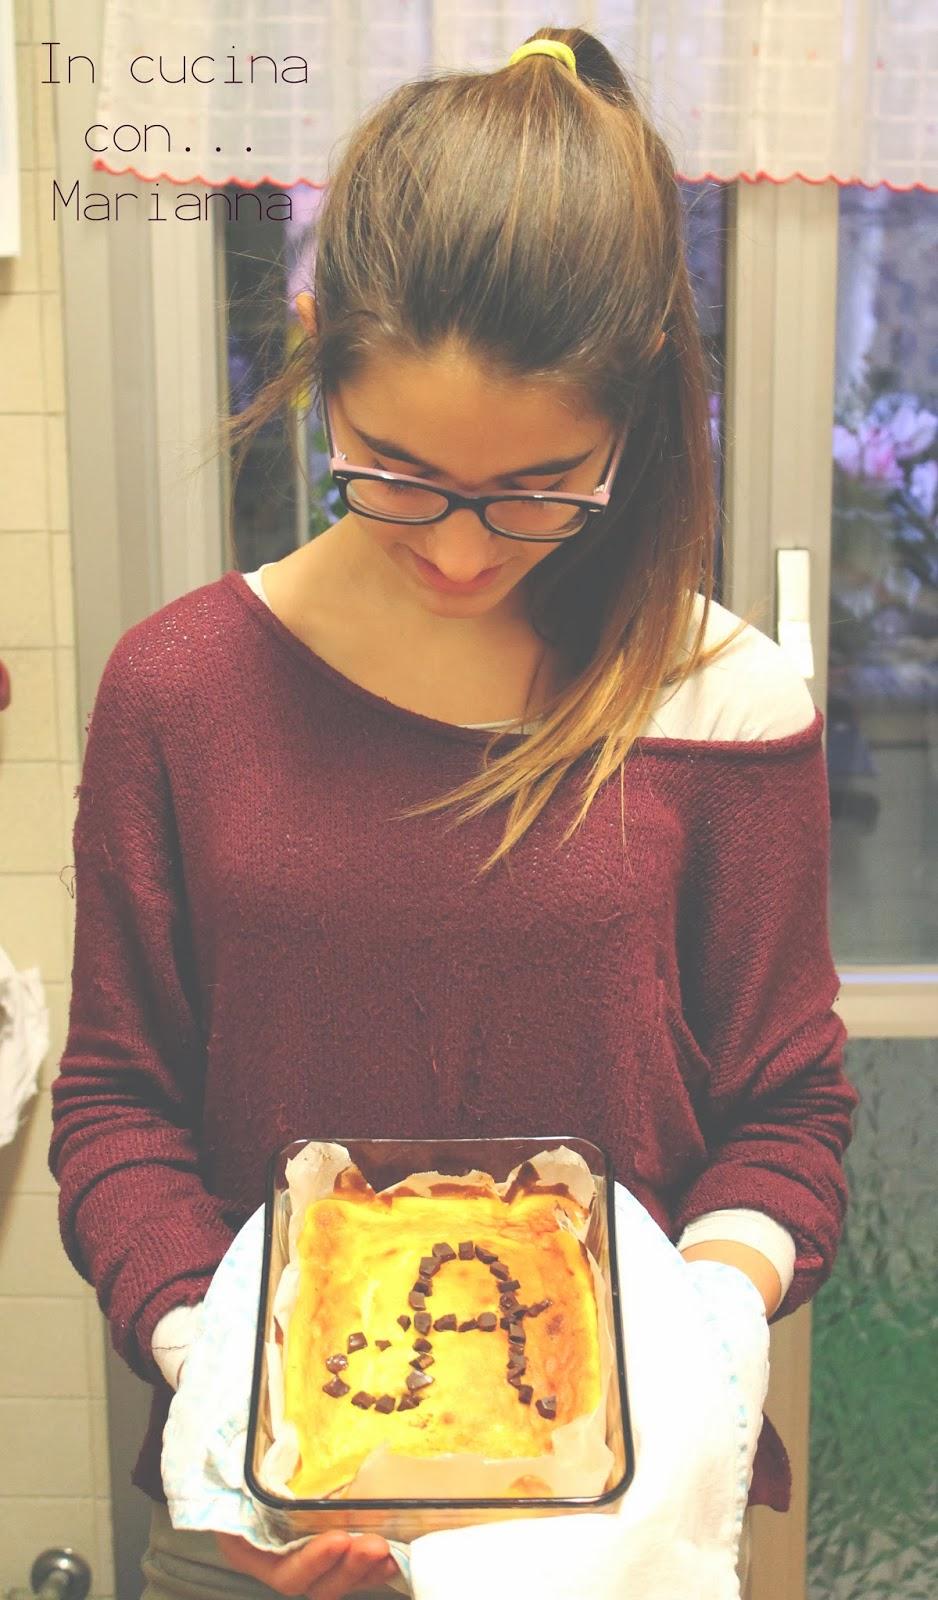 {in cucina con...} marianna - torta alla ricotta di zia rosella